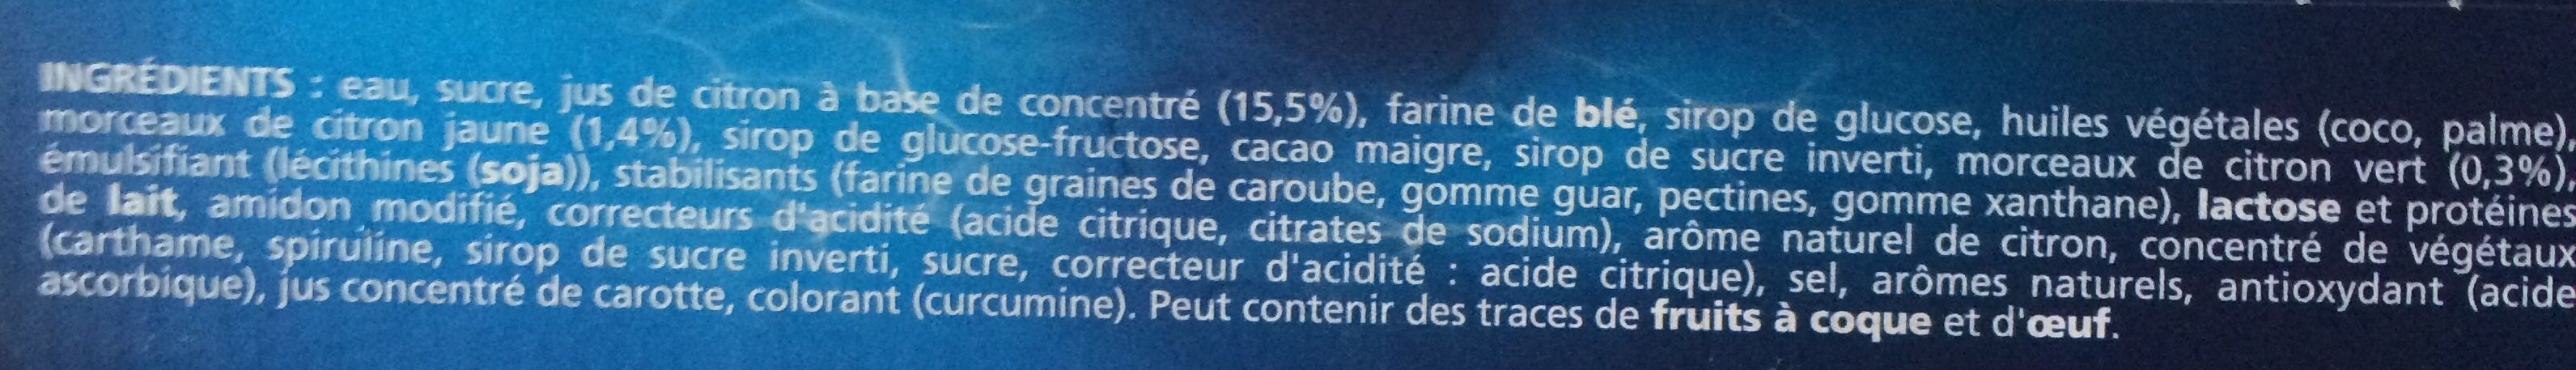 Extrême Sorbet Citron Jaune Zestes de Citron - Ingrédients - fr